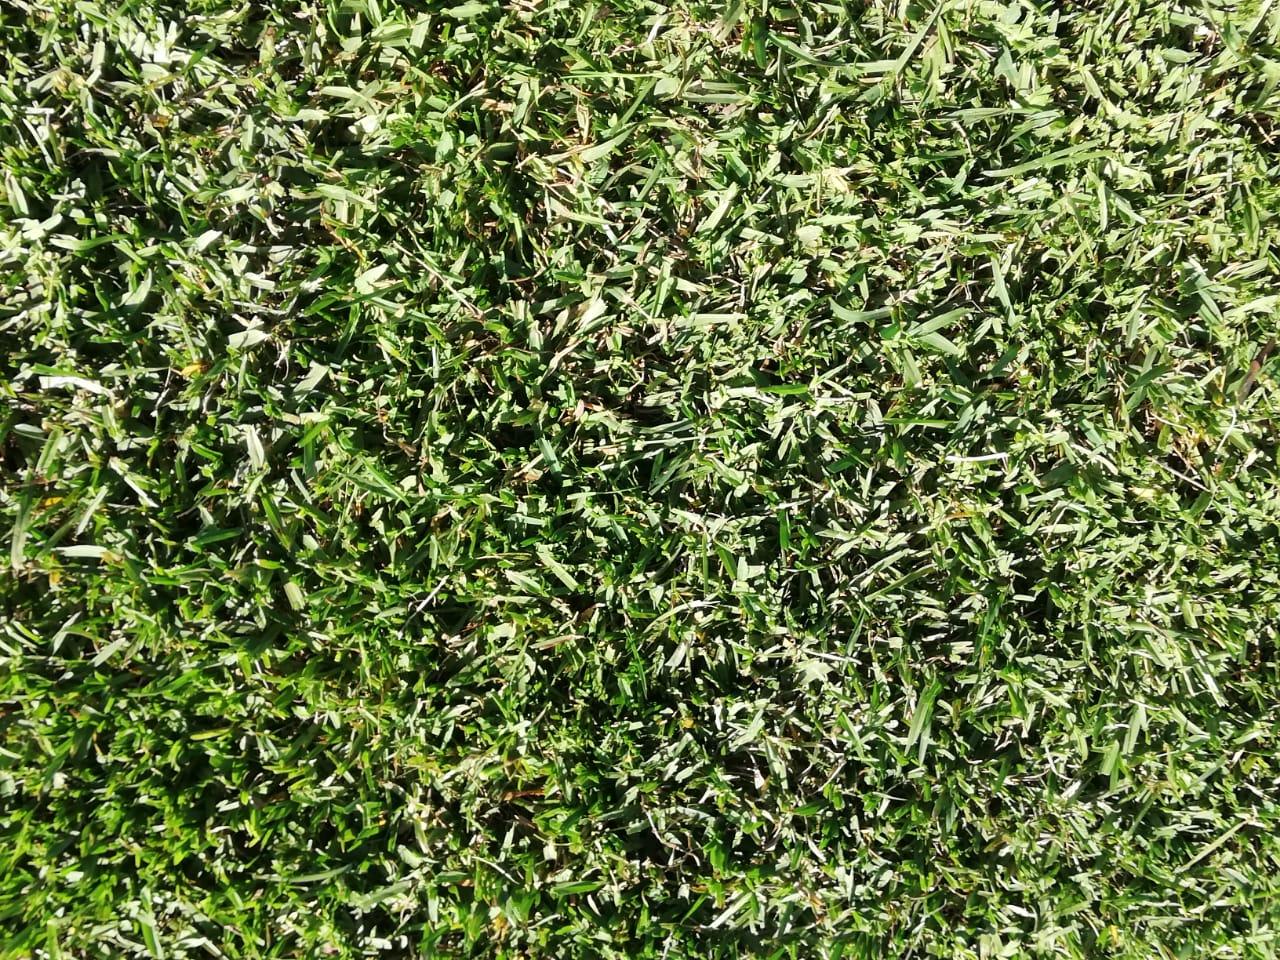 Close-up of Buffalo/Kweek 80/20 Lawn Type